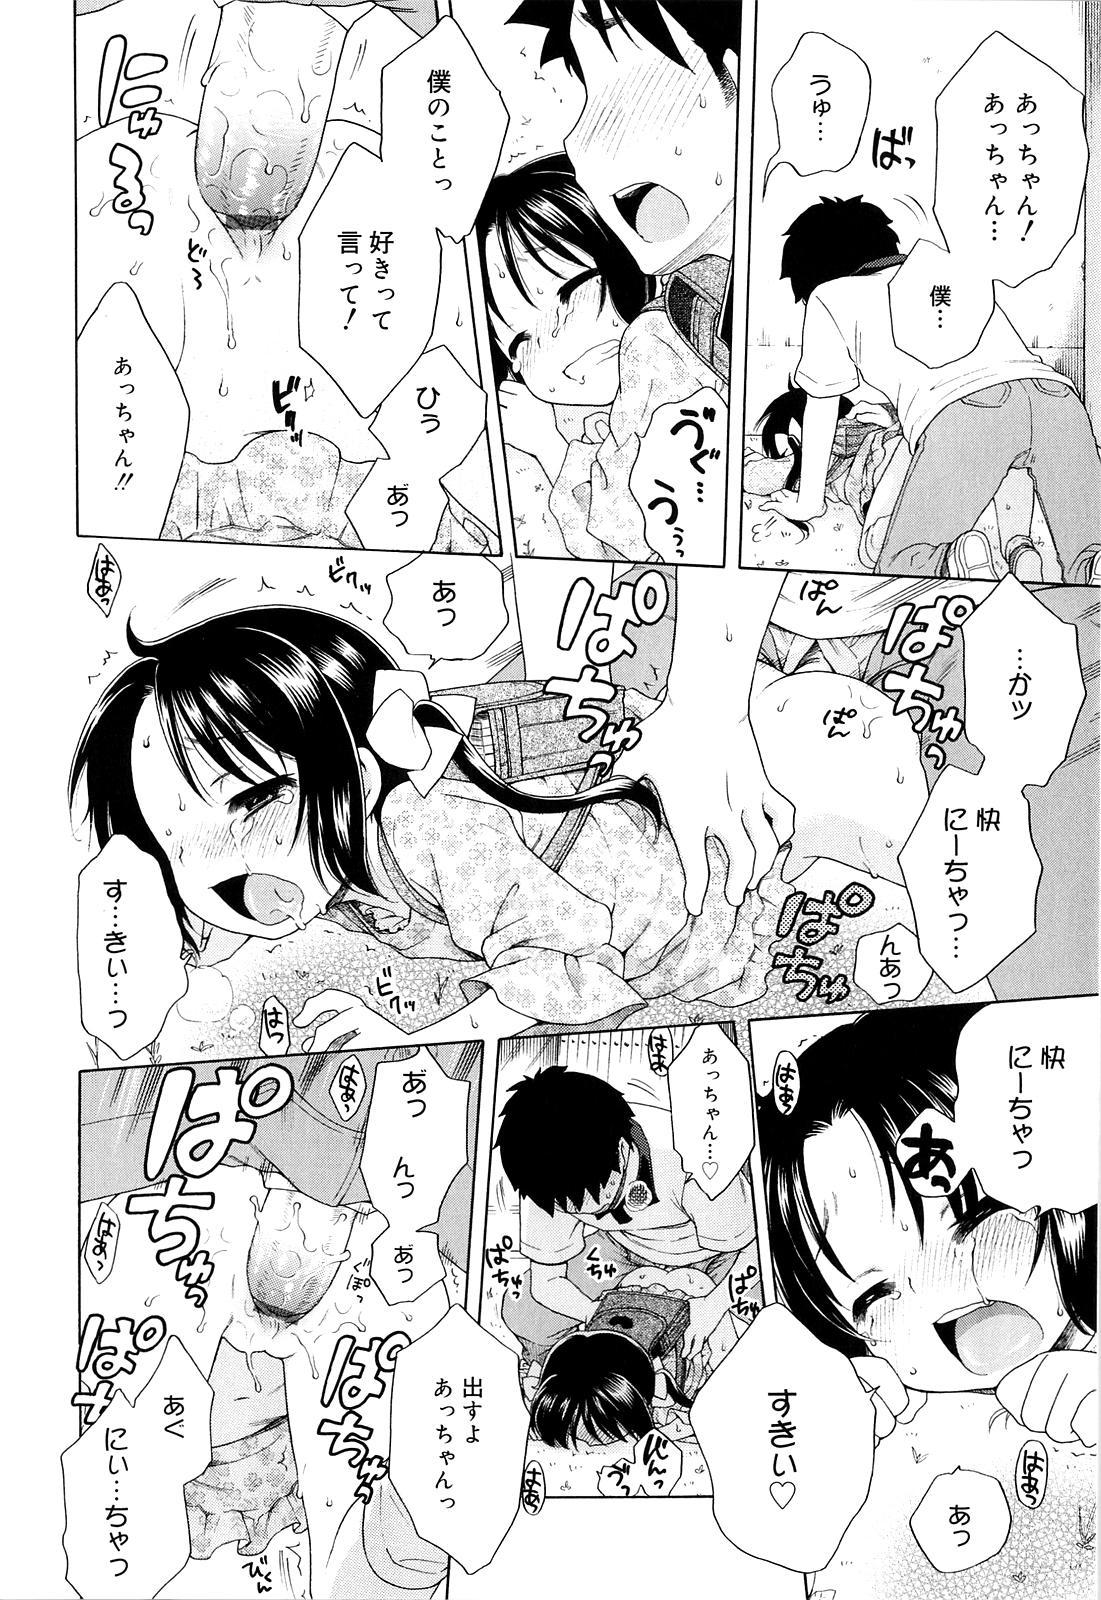 Tsukimisou no Akari 67